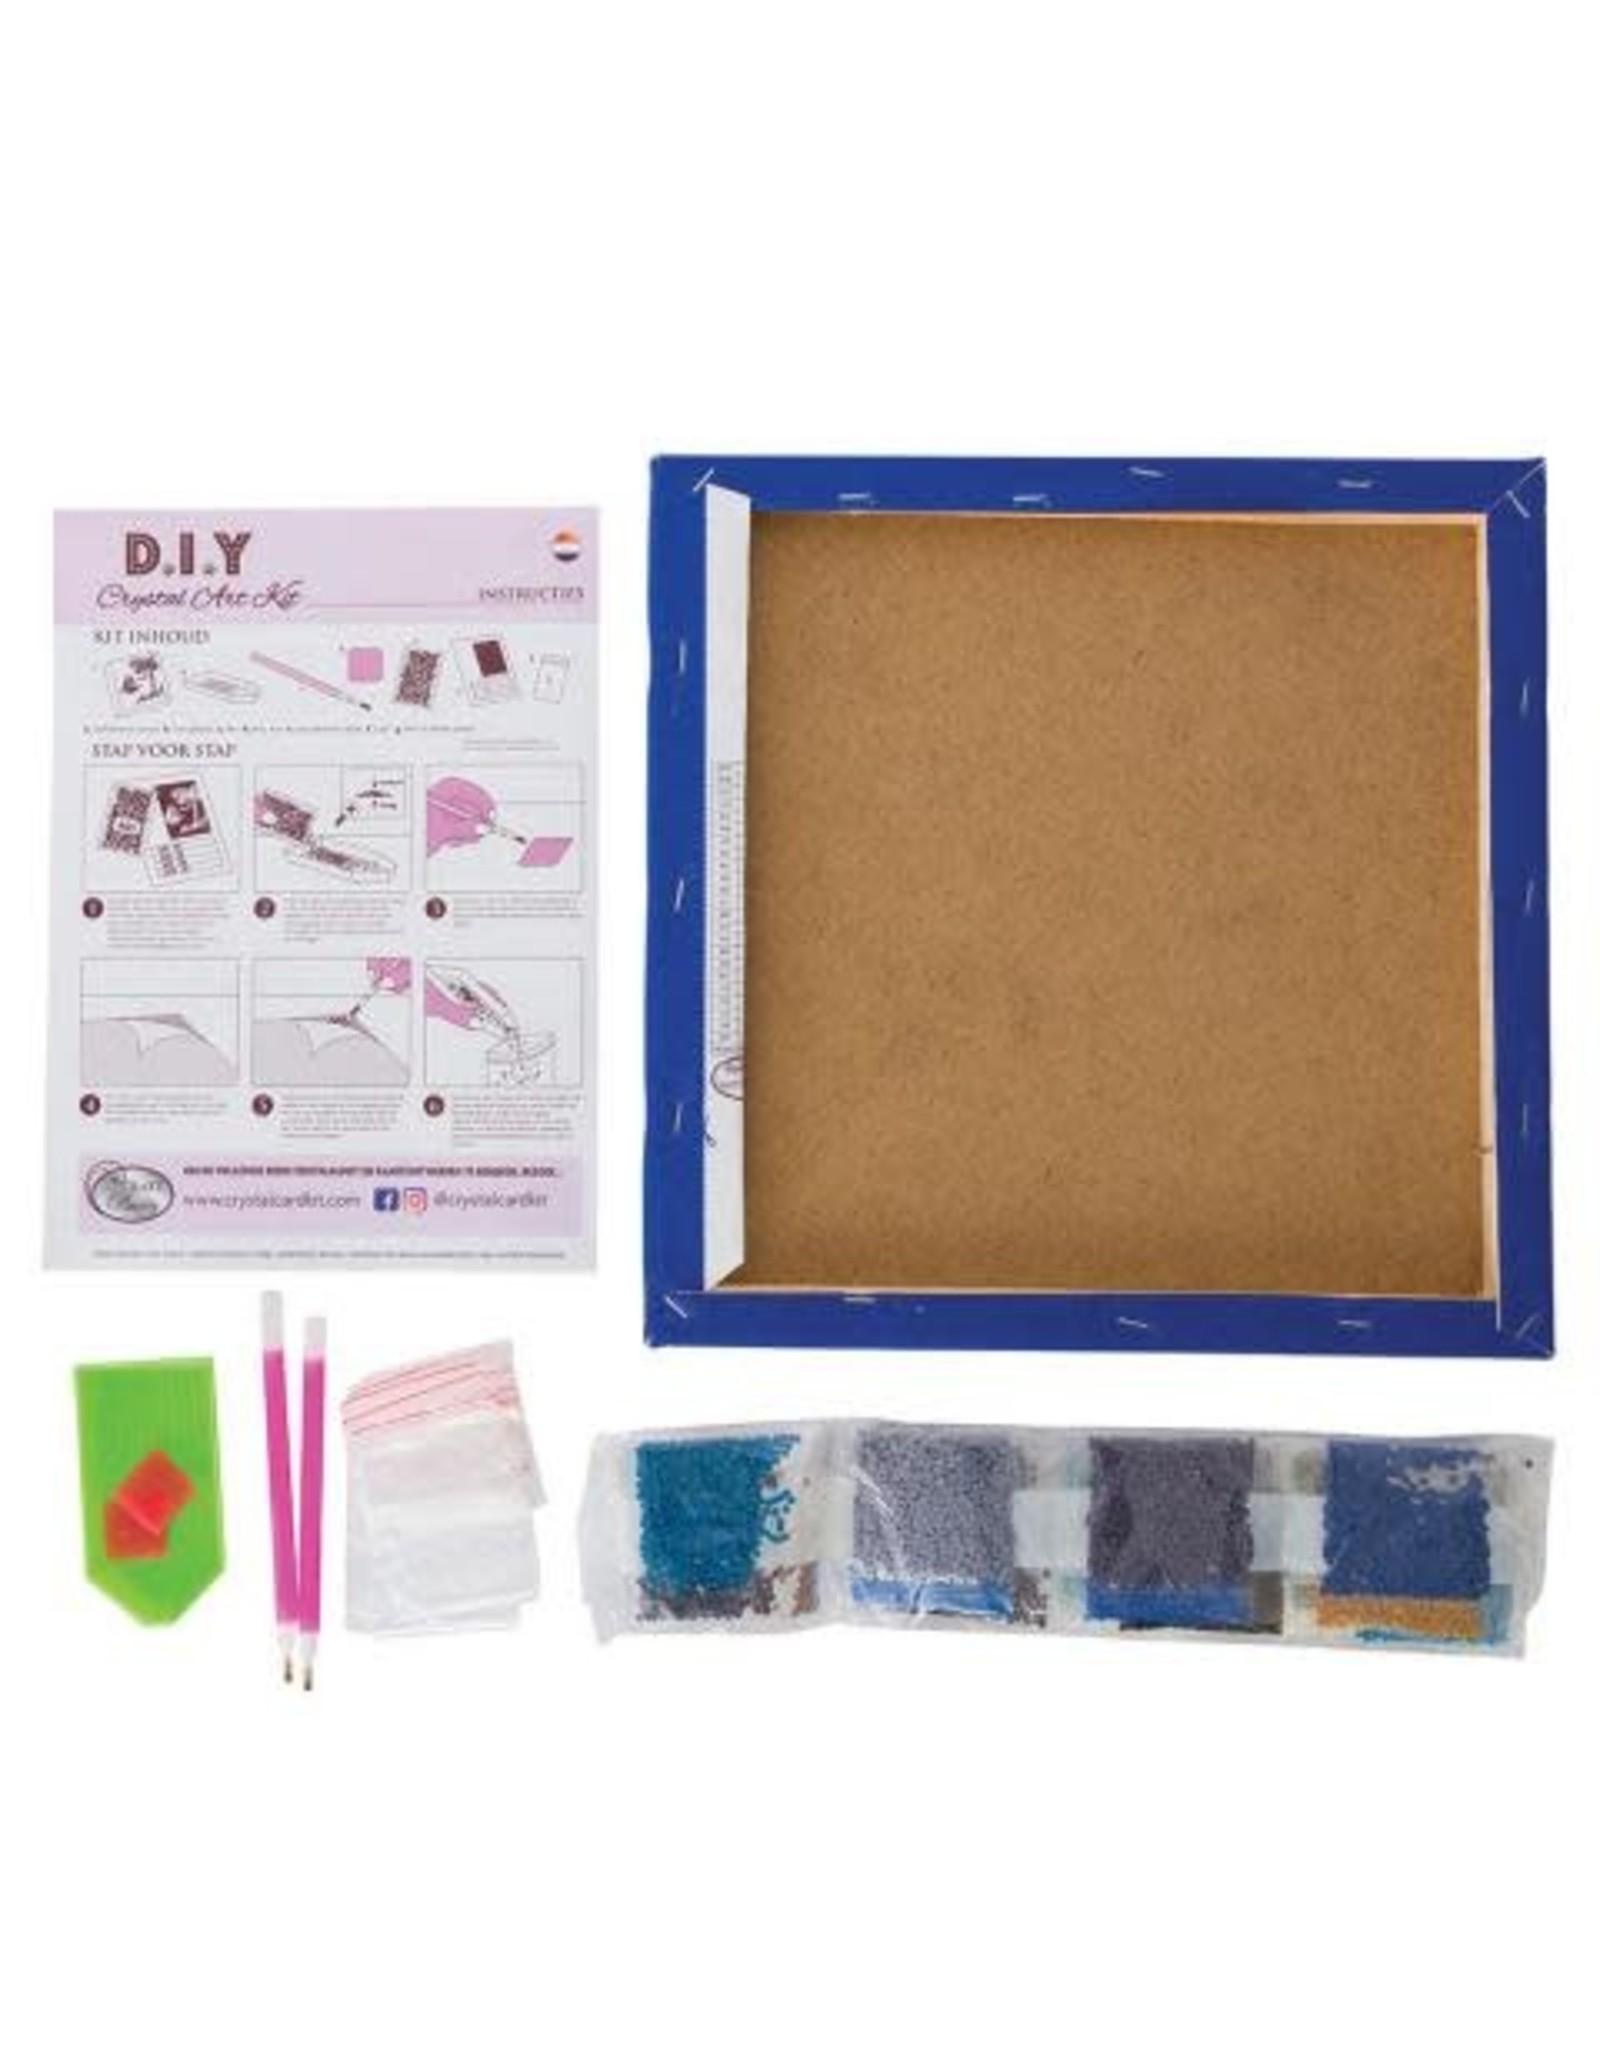 D.I.Y Crystal Art Kit Crystal Art Medium Framed Kit - Spell Weaver